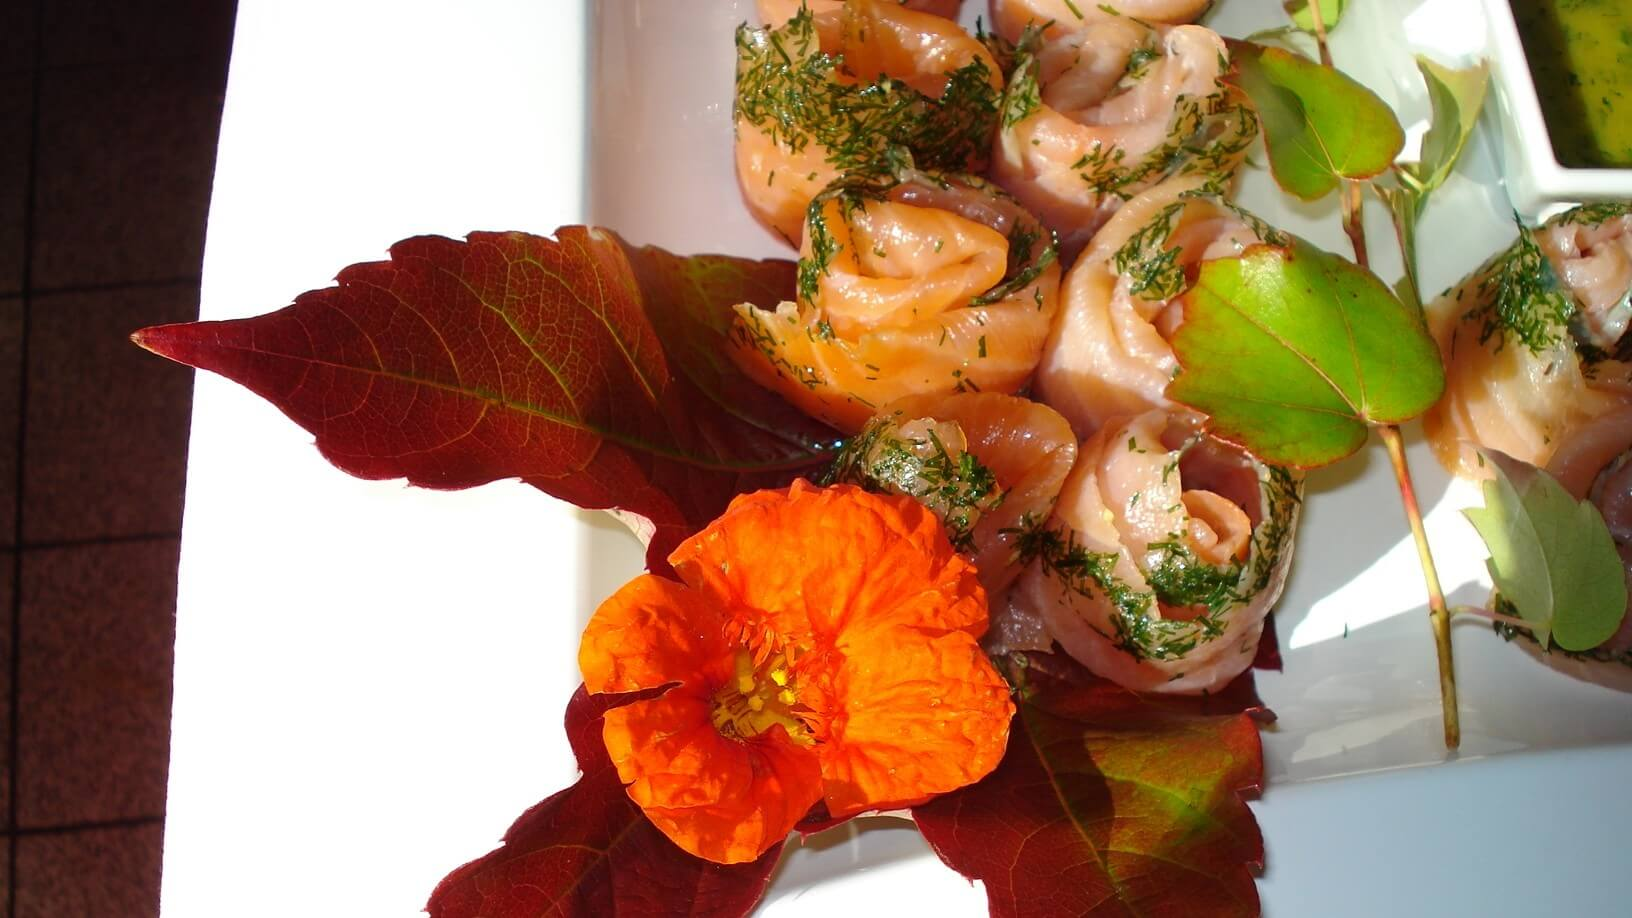 Lachsplatte Blumendeko